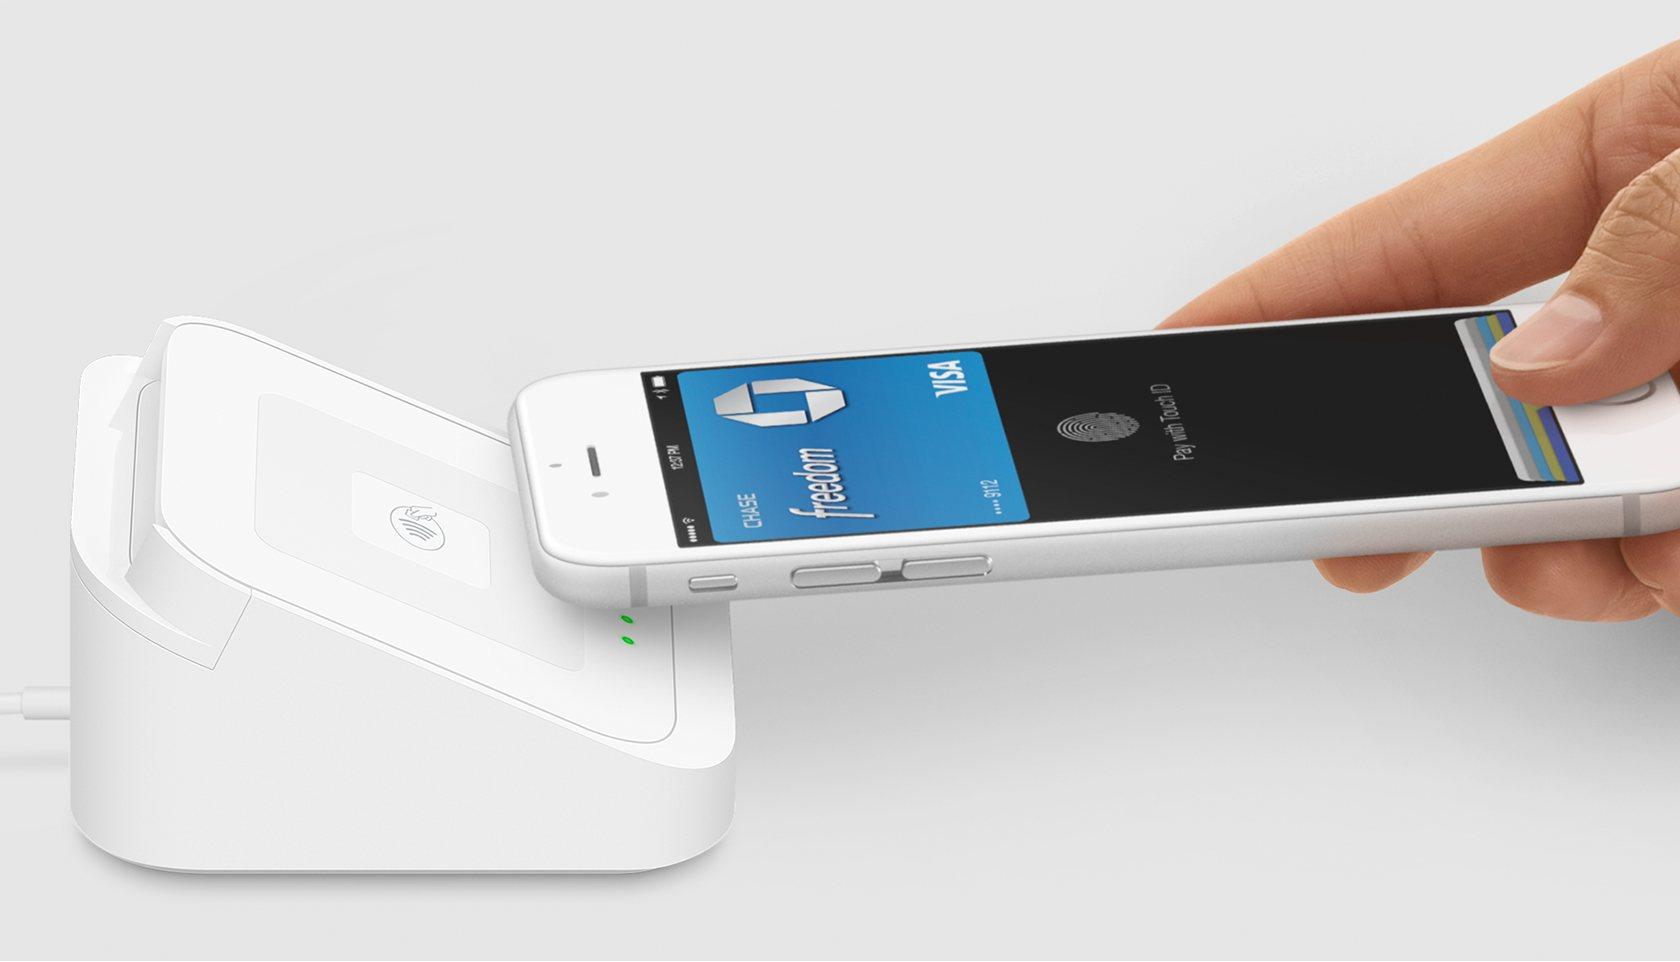 Что такое nfc в смартфоне и как им пользоваться? полный разбор